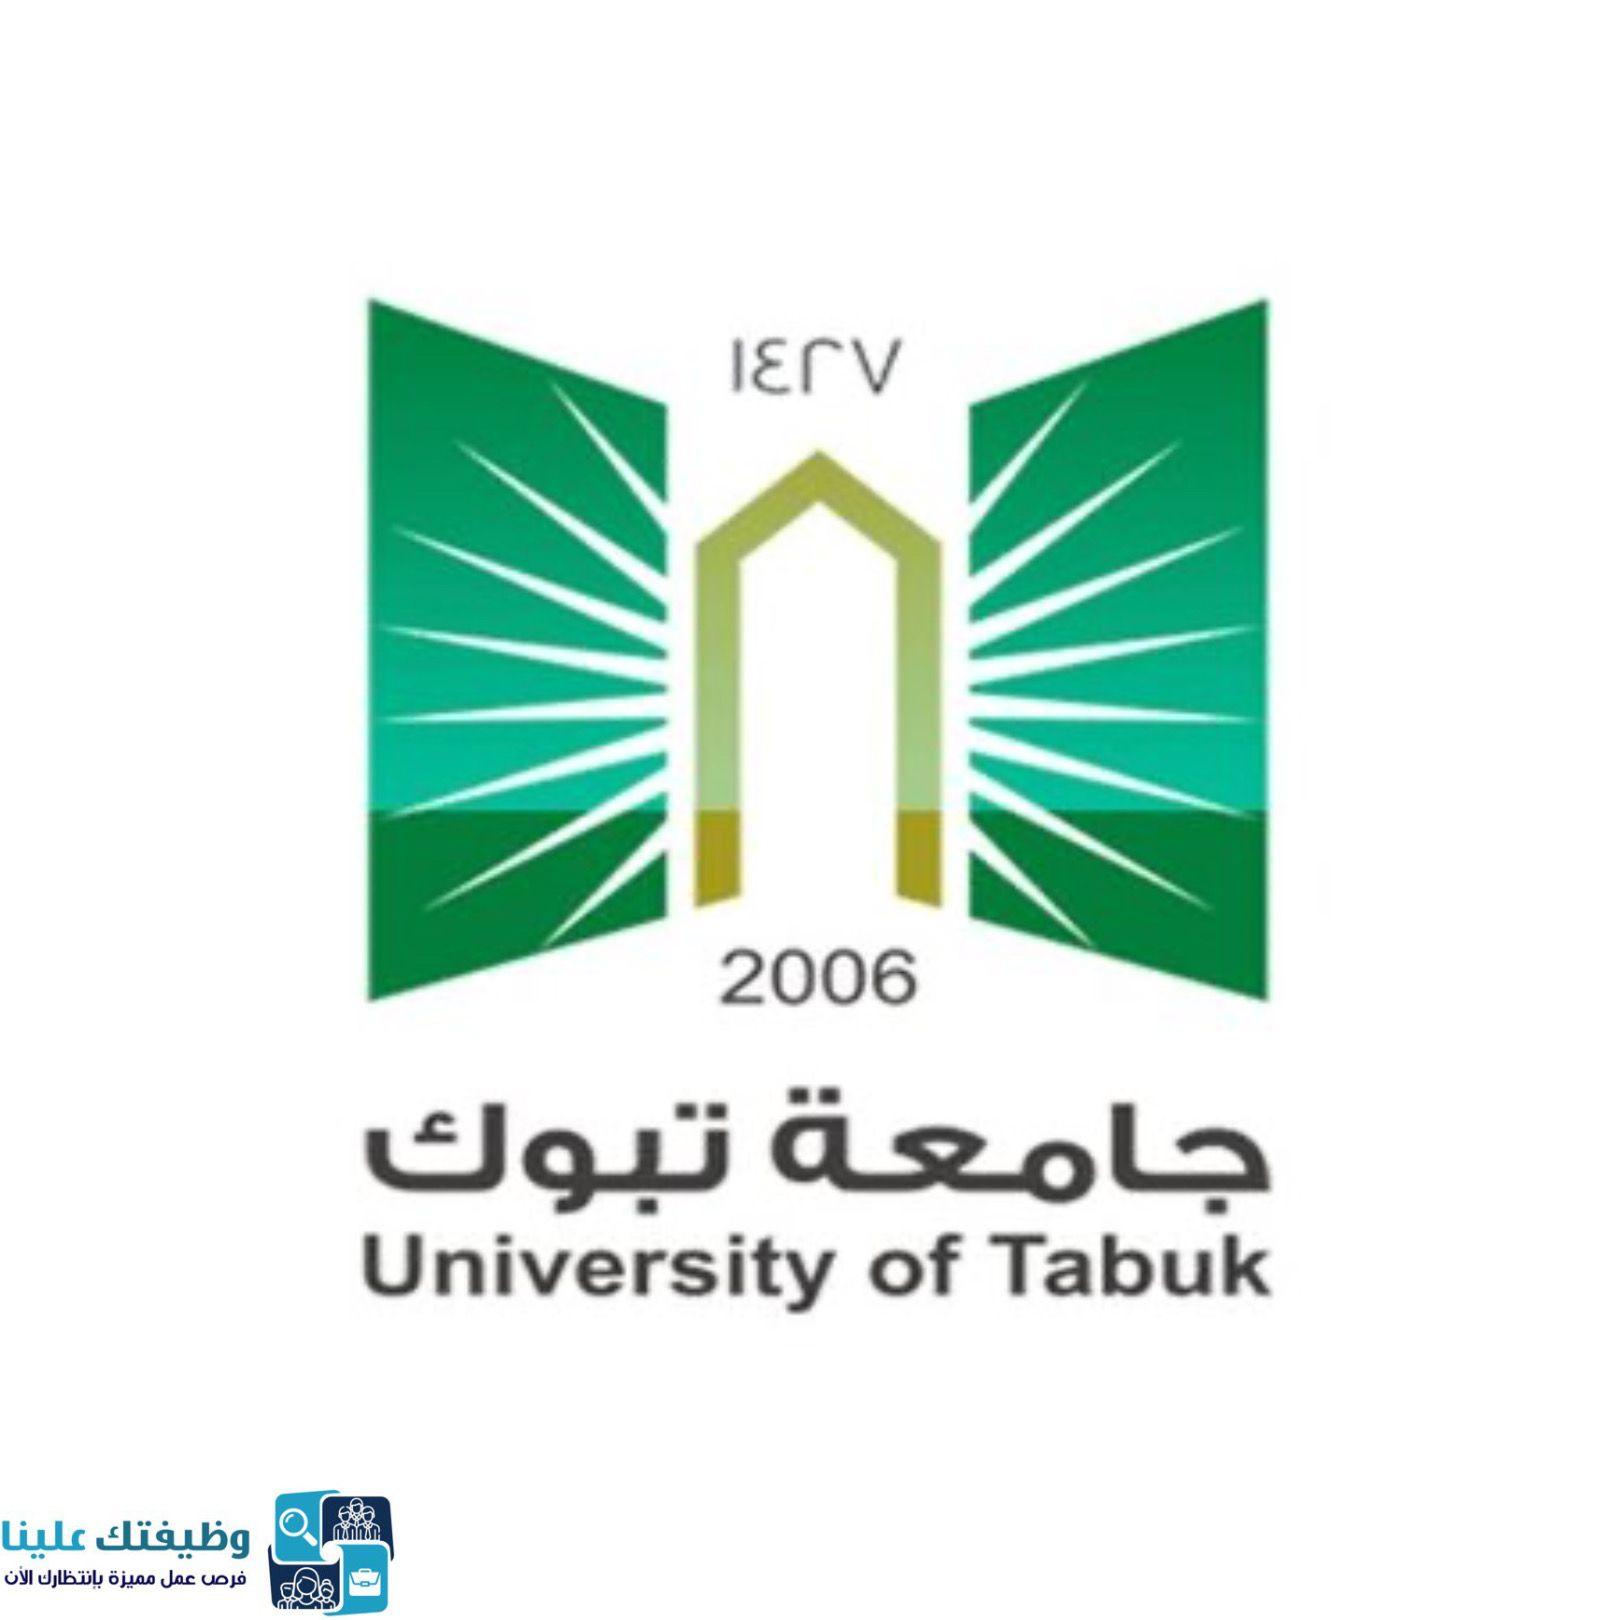 مواعيد الجامعة وظيفتك علينا University Job Tabuk